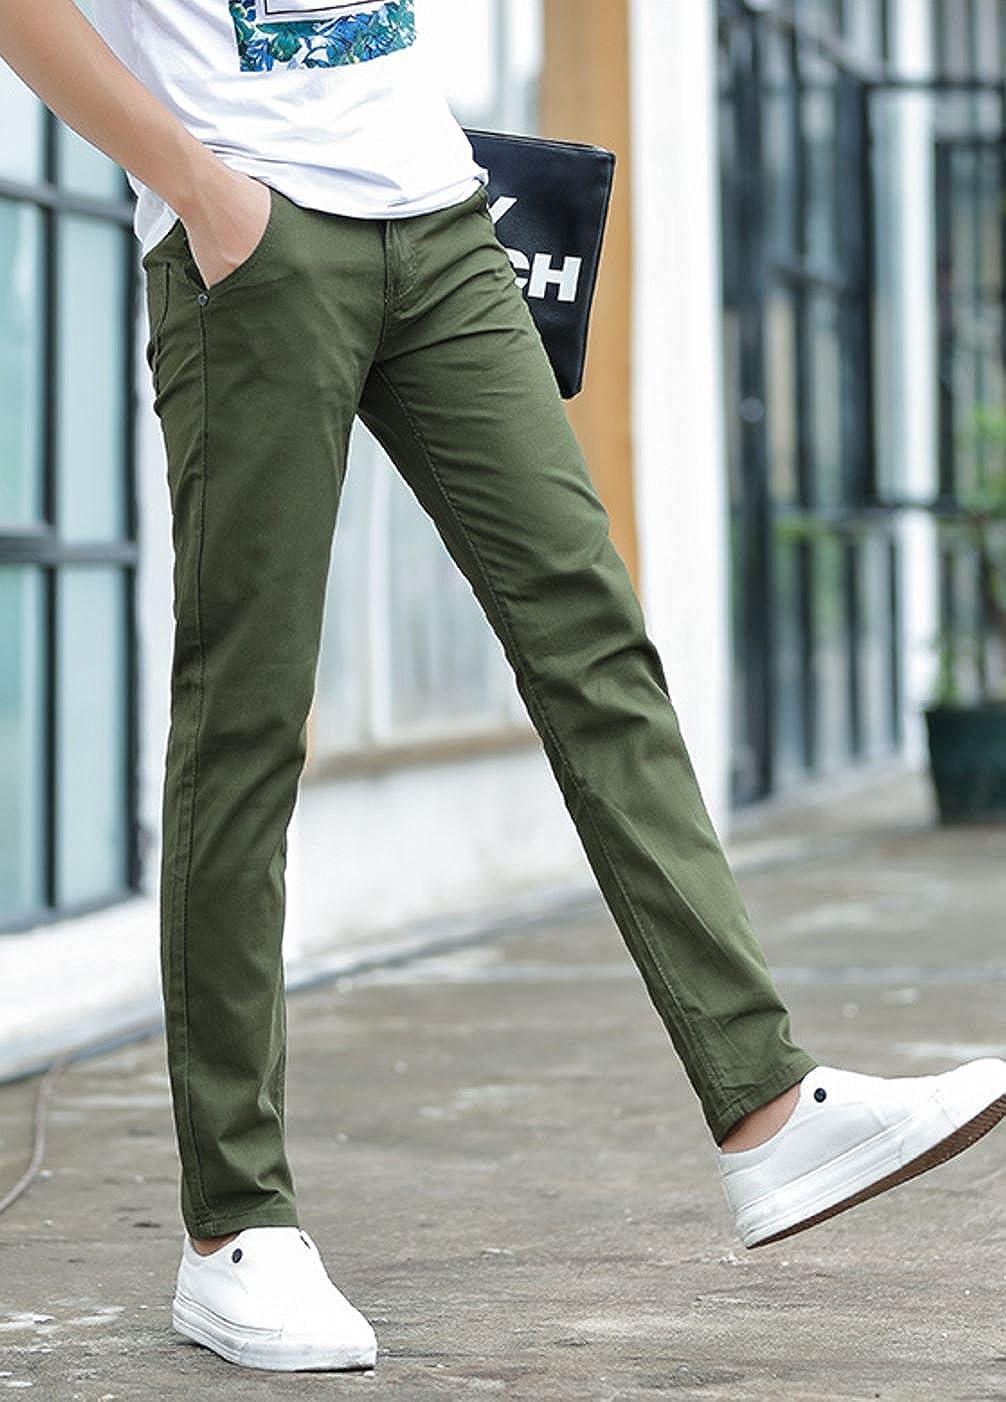 e50e1580df39a4 Amazon | ADCRAS (アドクラス) メンズ スキニー パンツ チノパン タイト ズボン 無地 カラー 種類有り | ロングパンツ 通販